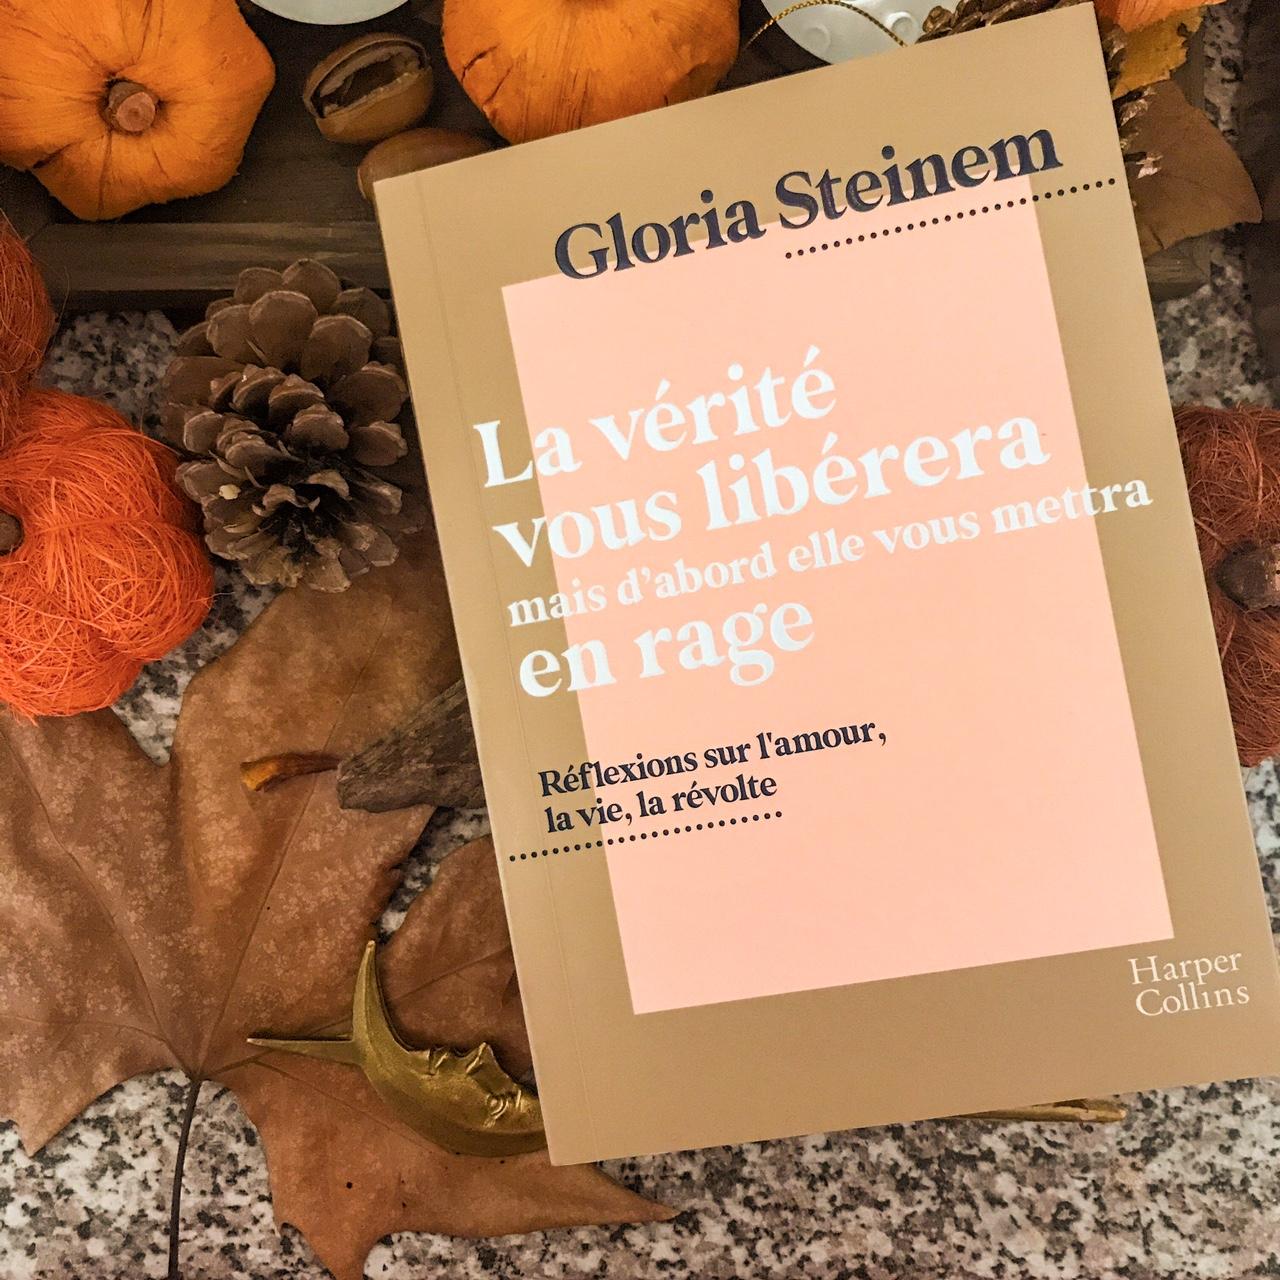 La vérité vous libérera mais d'abord elle vous mettra en rage, de Gloria Steinem : réflexions sur l'amour, la vie, la révolte